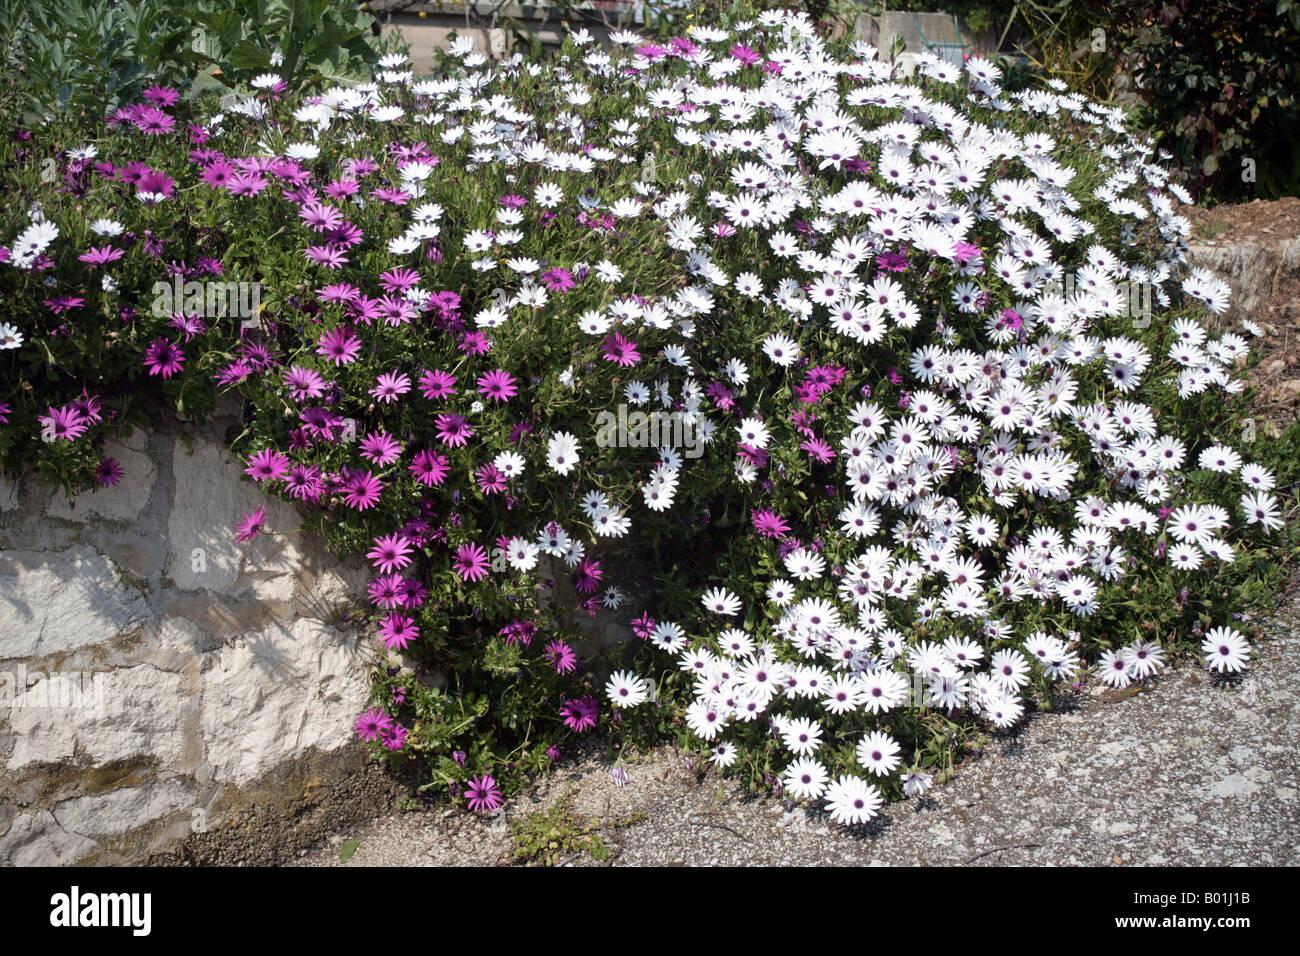 gazania poussant le long d'un mur dans un jardin banque d'images